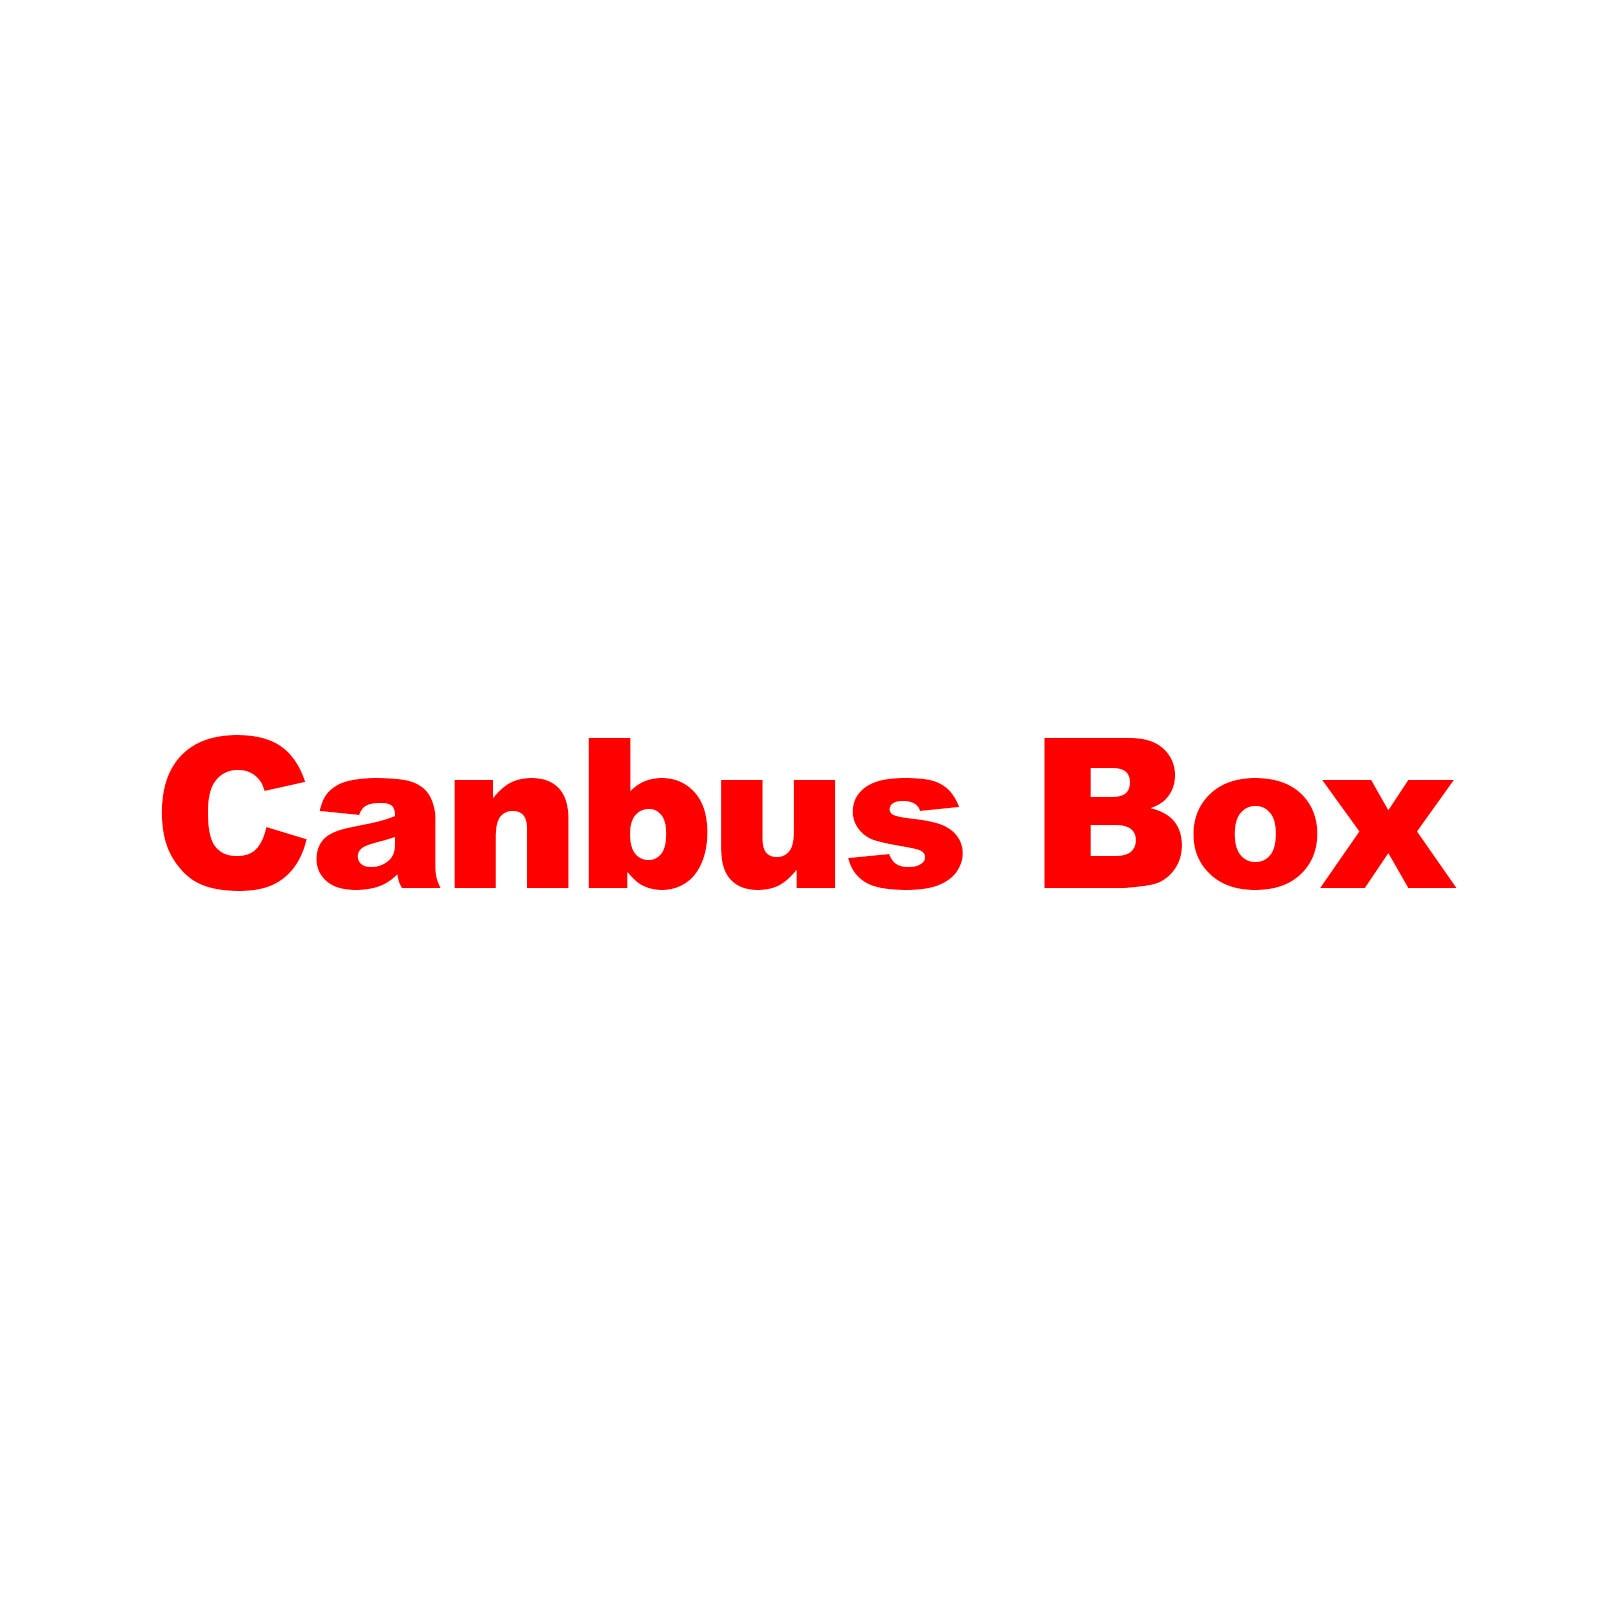 Kotak Canbus opsional untuk Pelanggan yang membutuhkan item tidak menjual secara terpisah